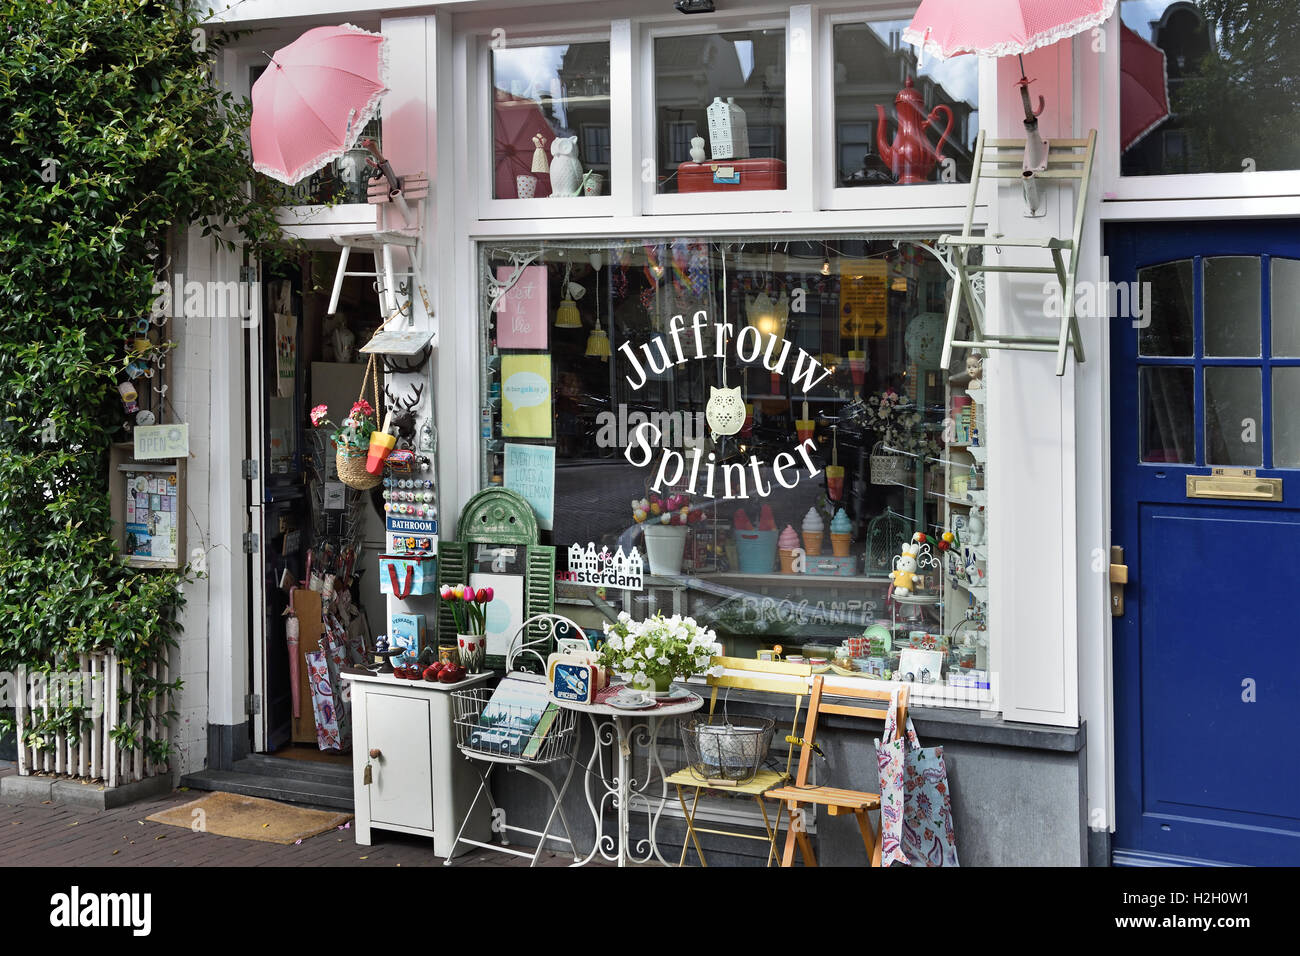 Juffrouw Splinter  swap bazaar  Prinsengracht Jordaan Amsterdam Netherlands - Stock Image